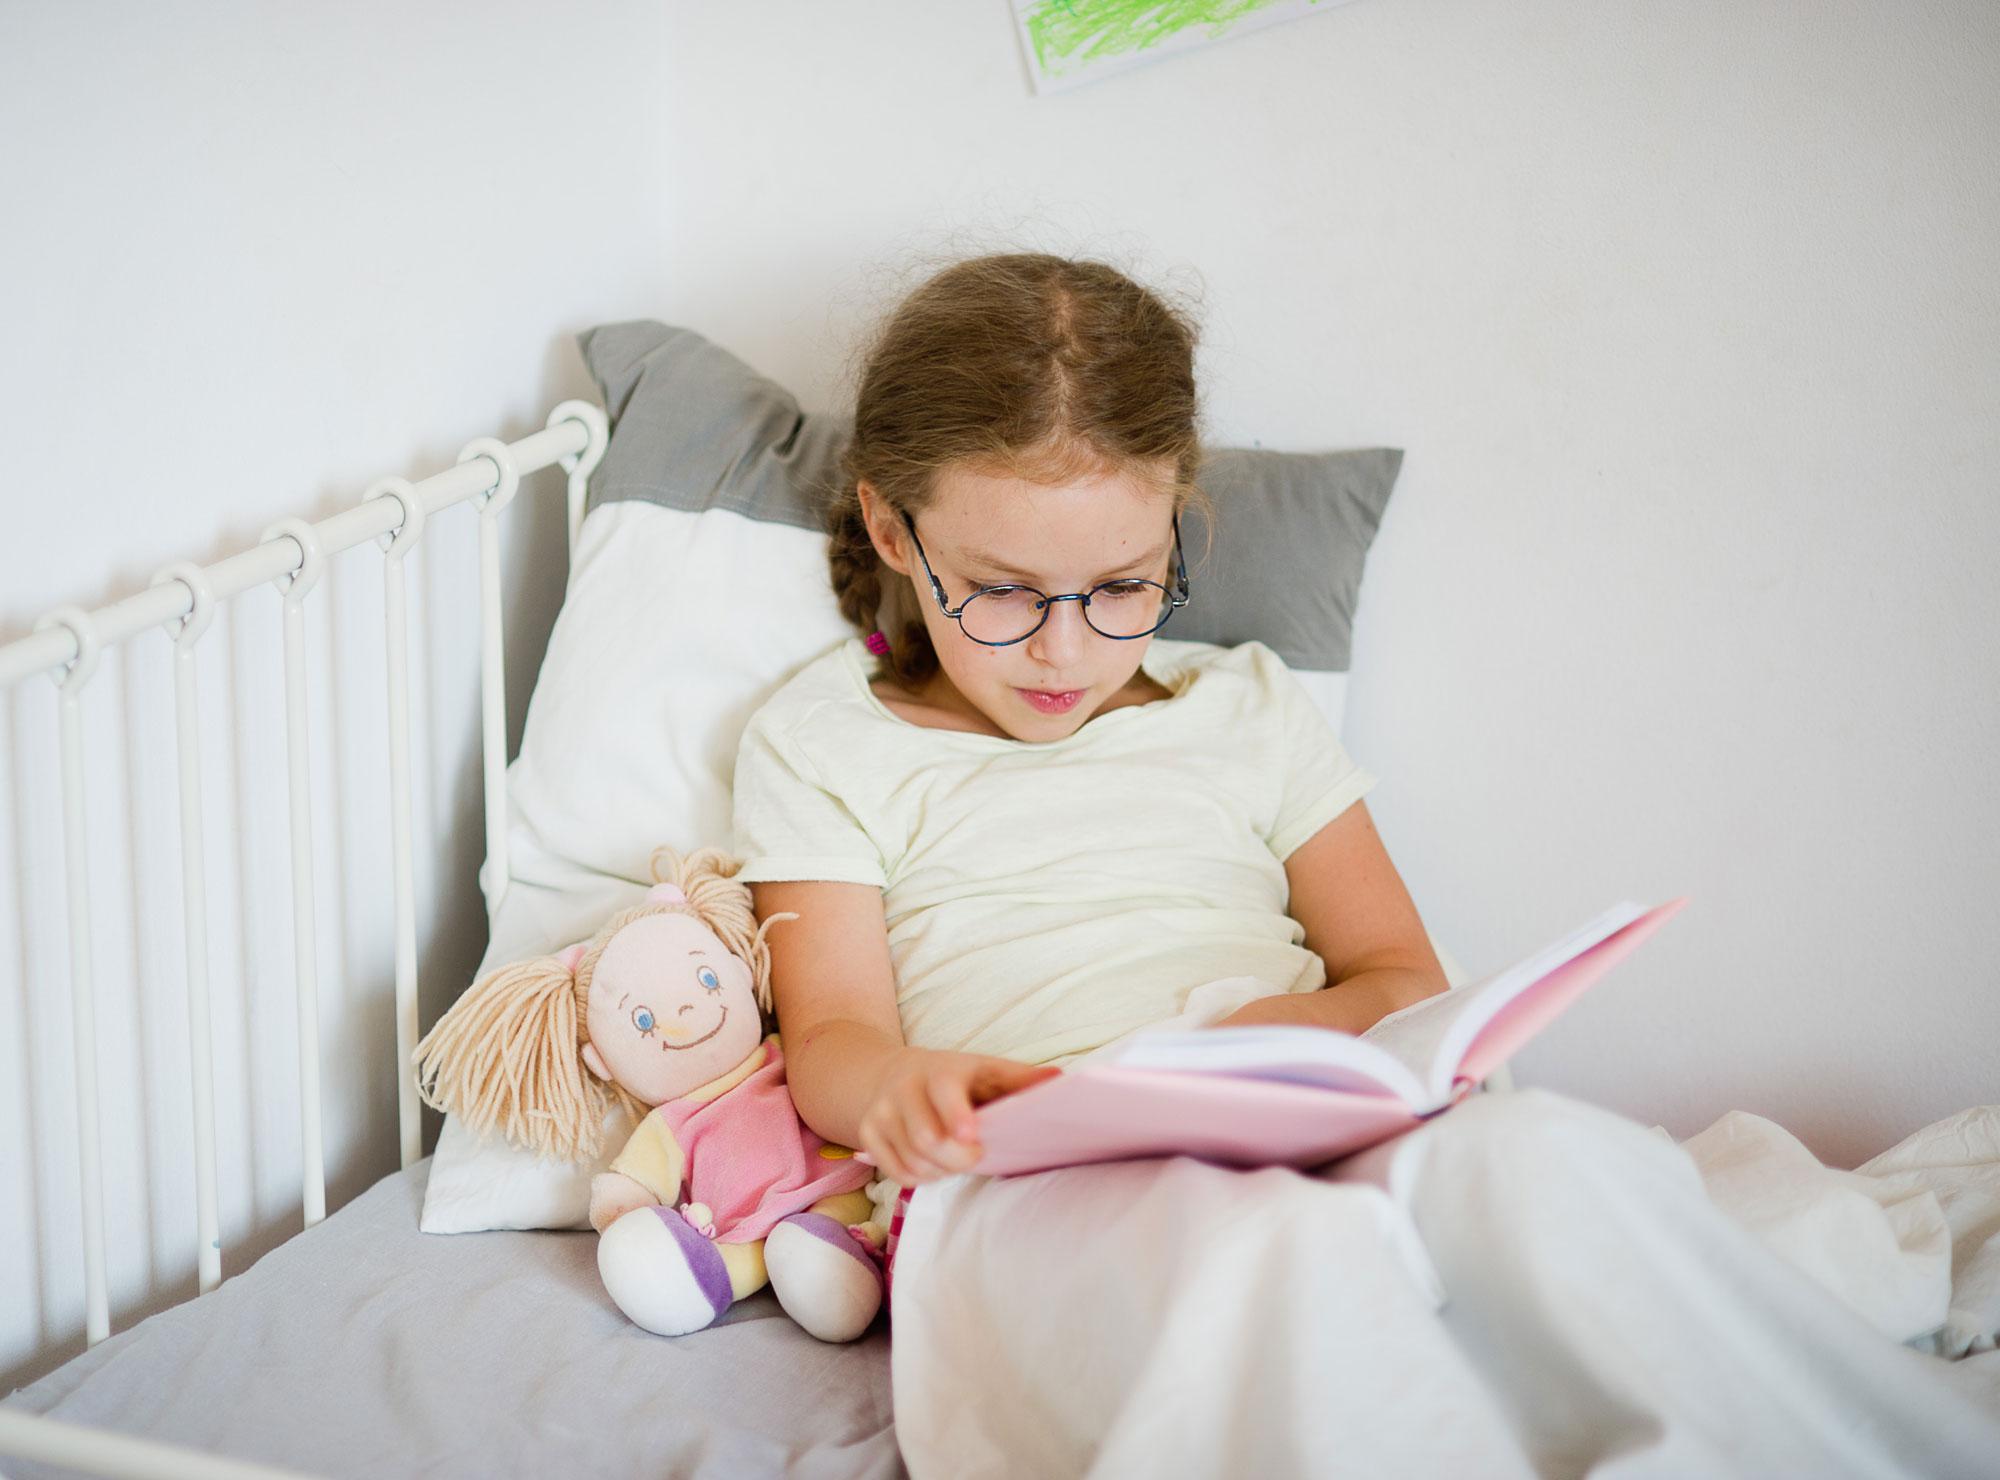 Um Welche Zeit Sollten Kinder Schlafen Gehen